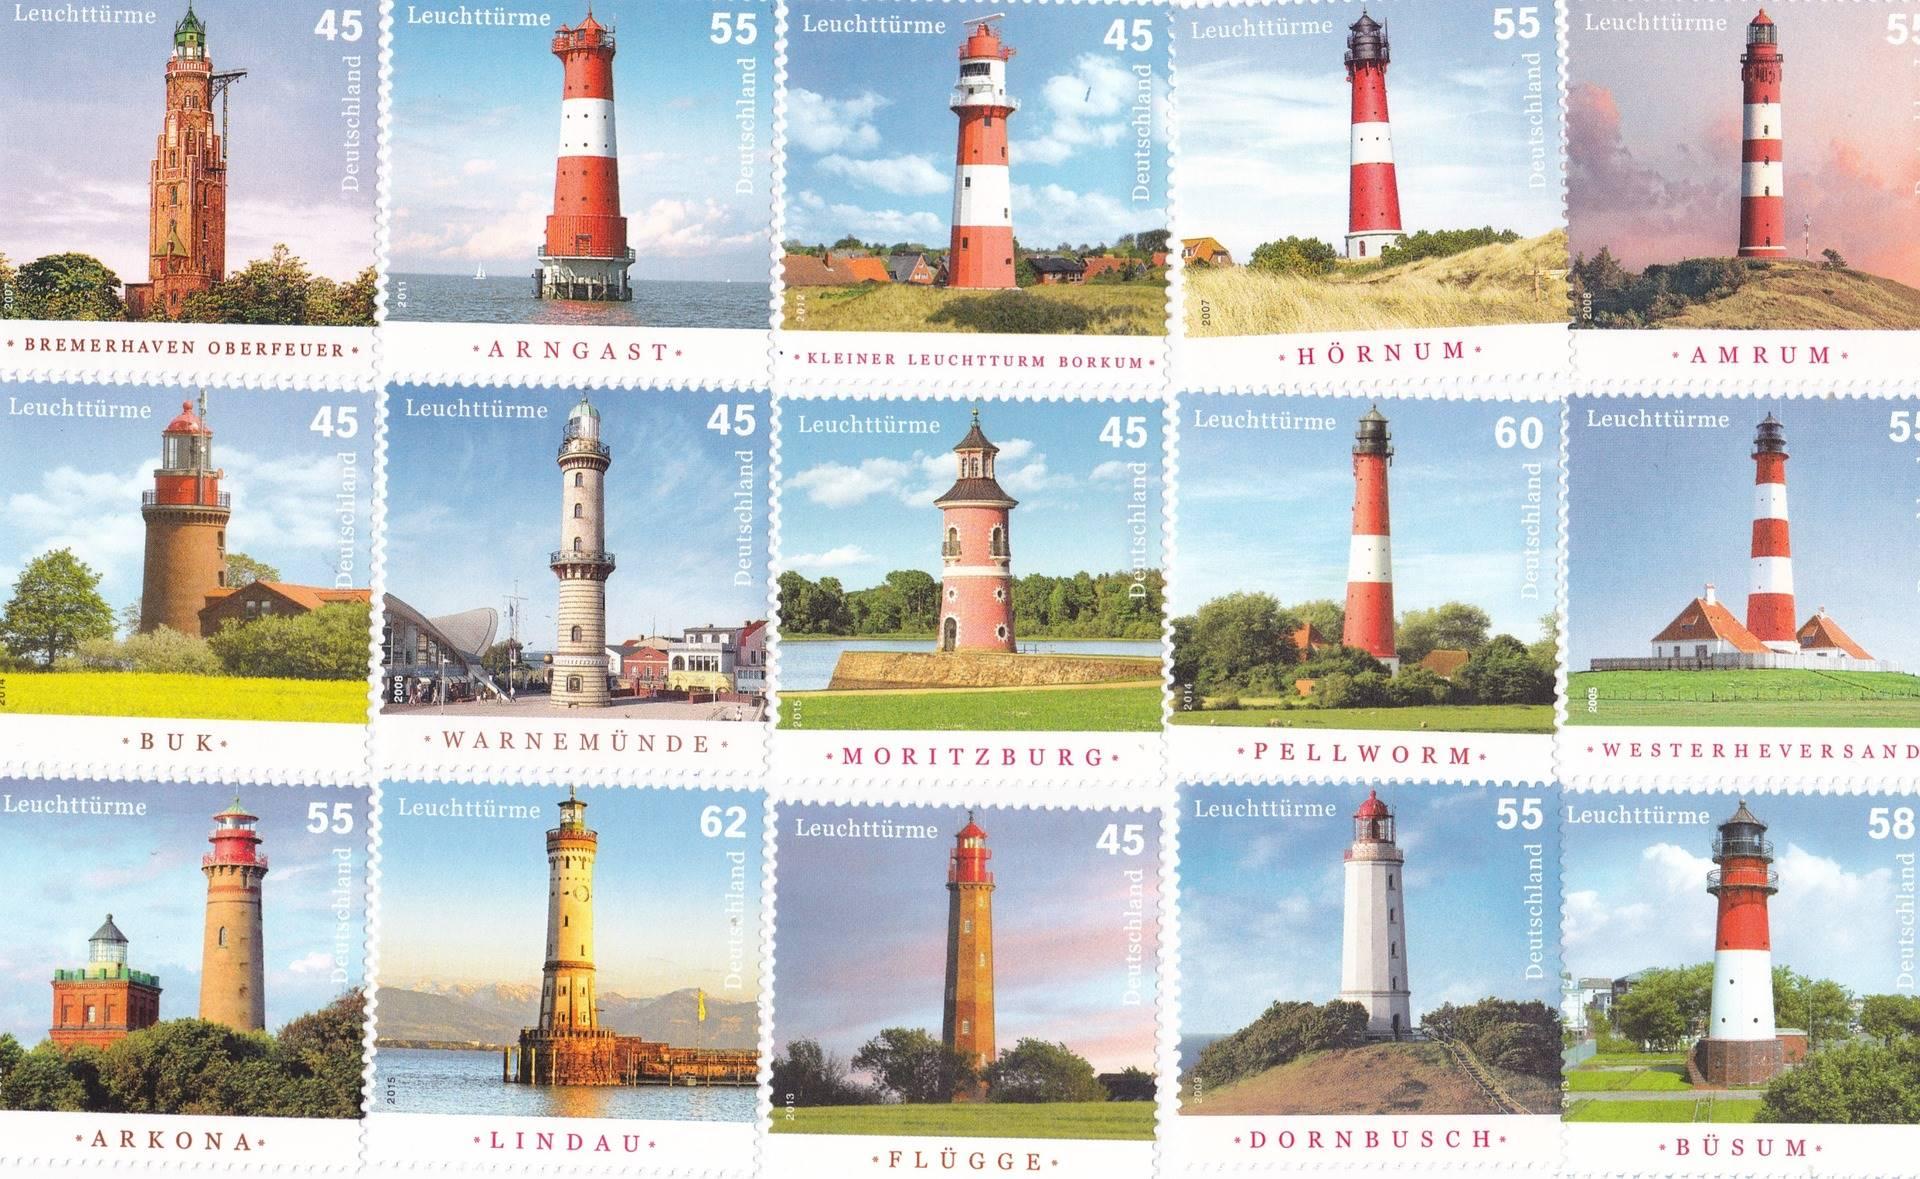 Postzegel volgend jaar duurder